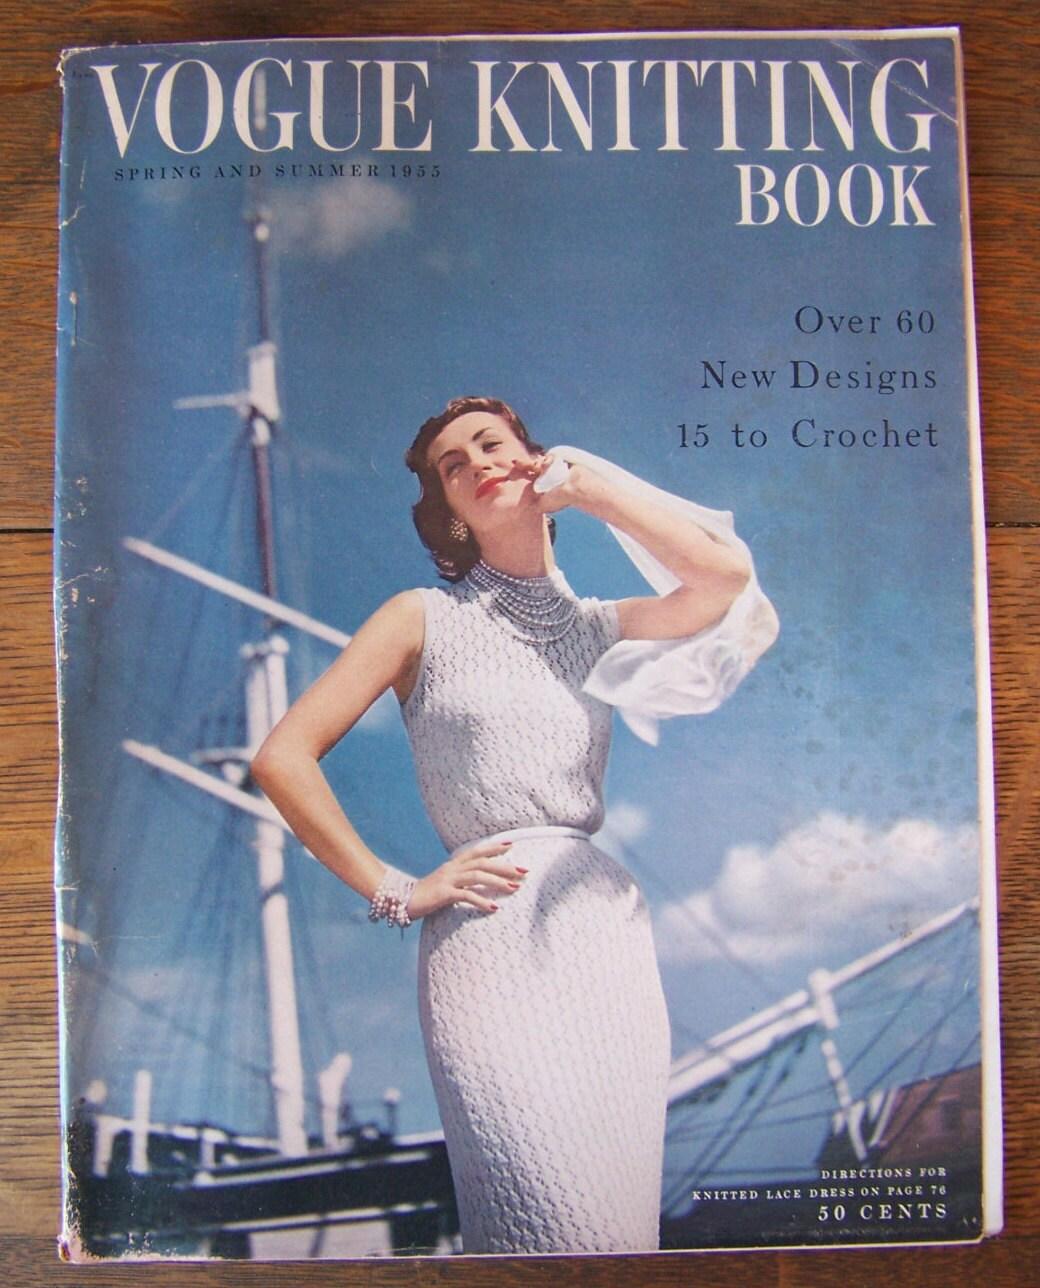 Vintage Vogue Knitting Book 1955 Spring and Summer.Vintage